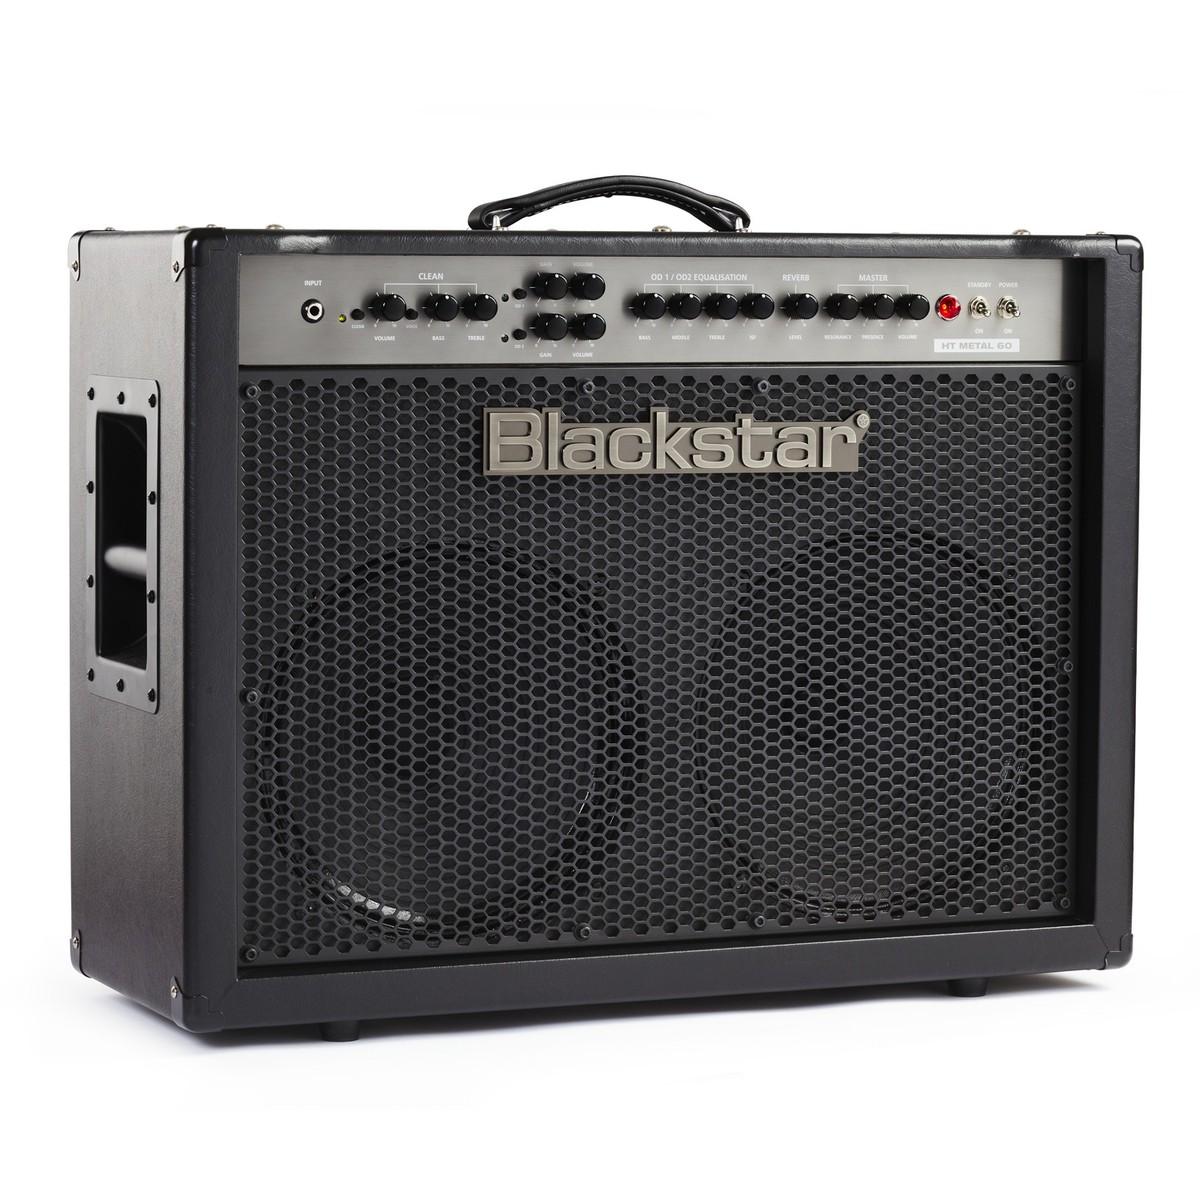 blackstar ht metal 60 guitar combo amp at. Black Bedroom Furniture Sets. Home Design Ideas